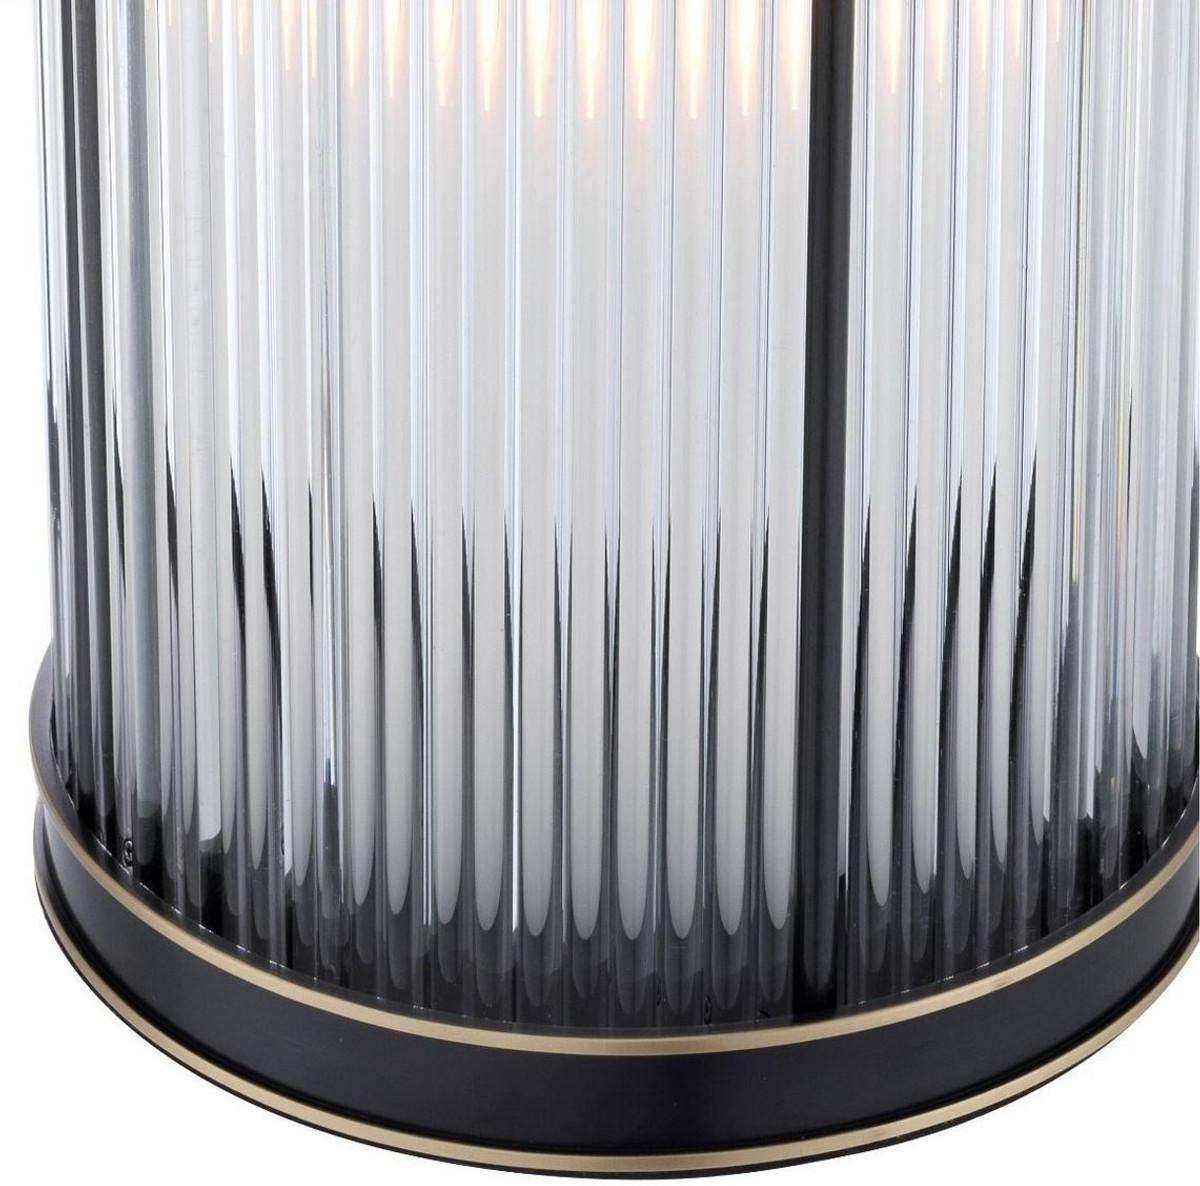 Casa Padrino Luxus Kerzenleuchter Bronze / Messing Ø 20 x H. 32 cm - Deko Accessoires - Luxus Qualität 5